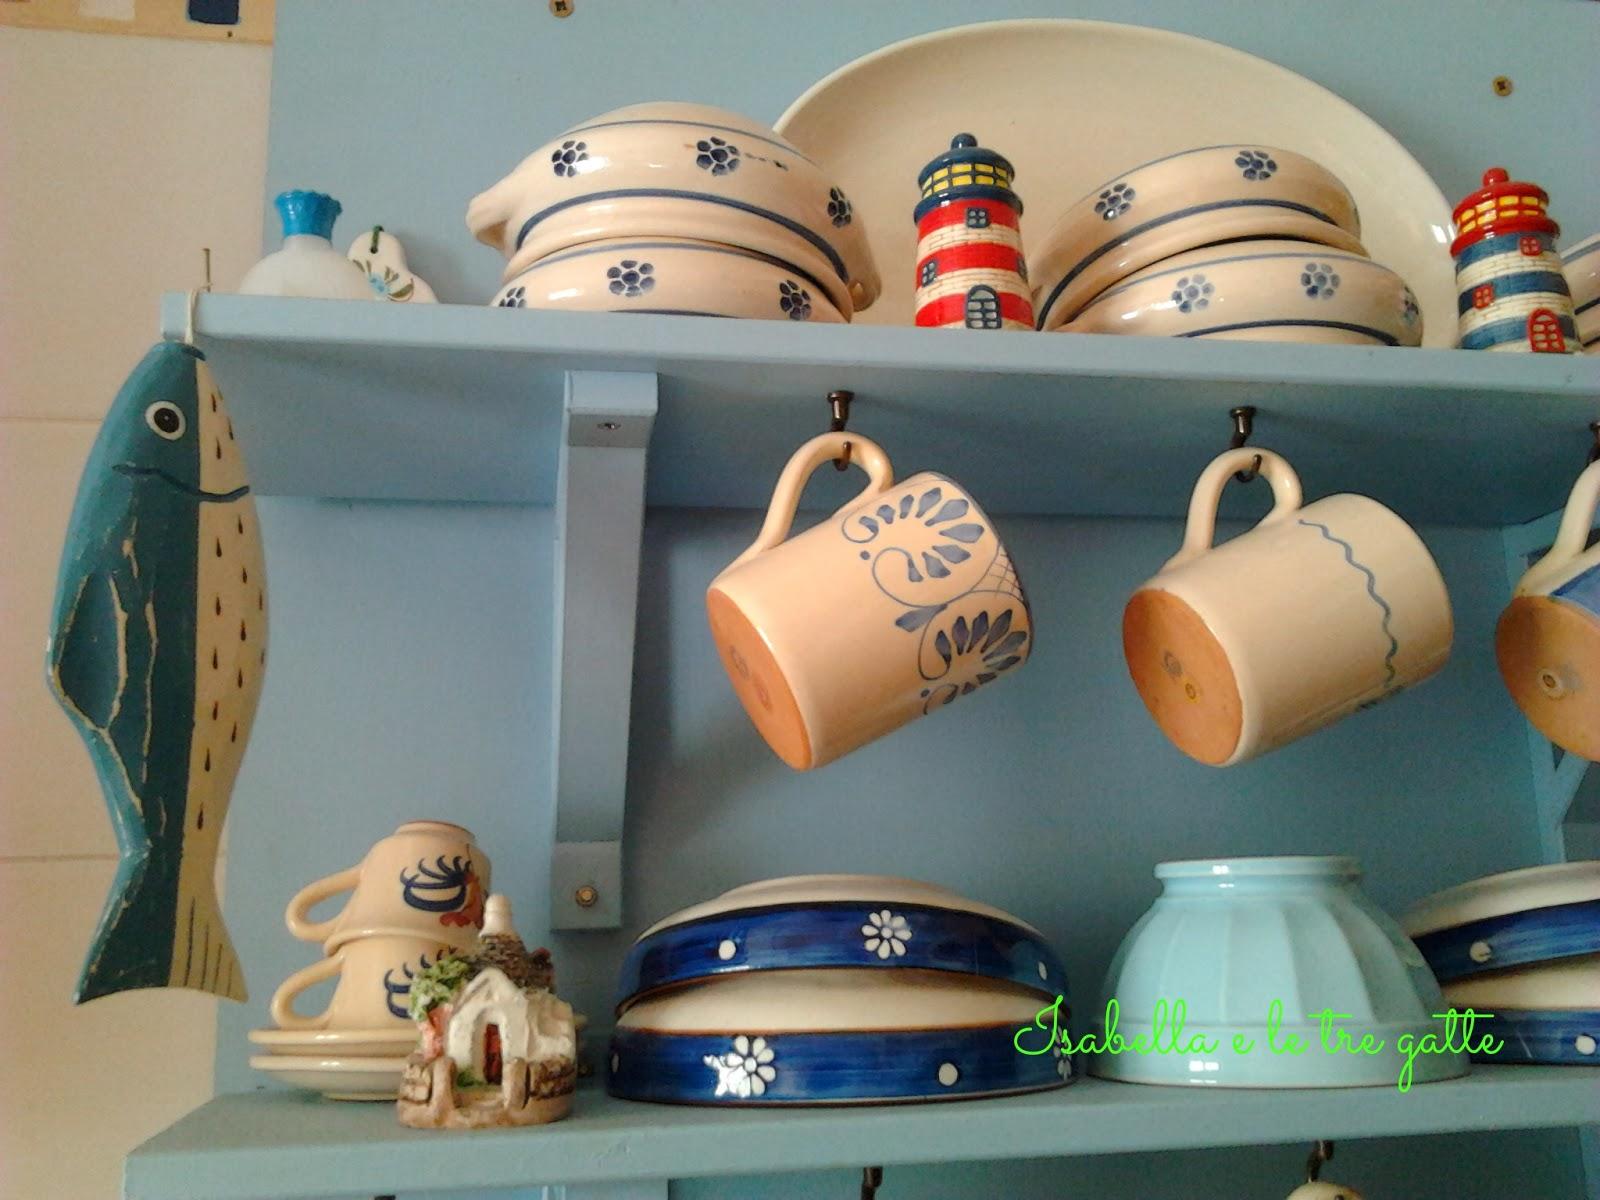 isabella e le tre gatte: azzurro in cucina - Cappelli Lampade Ikea